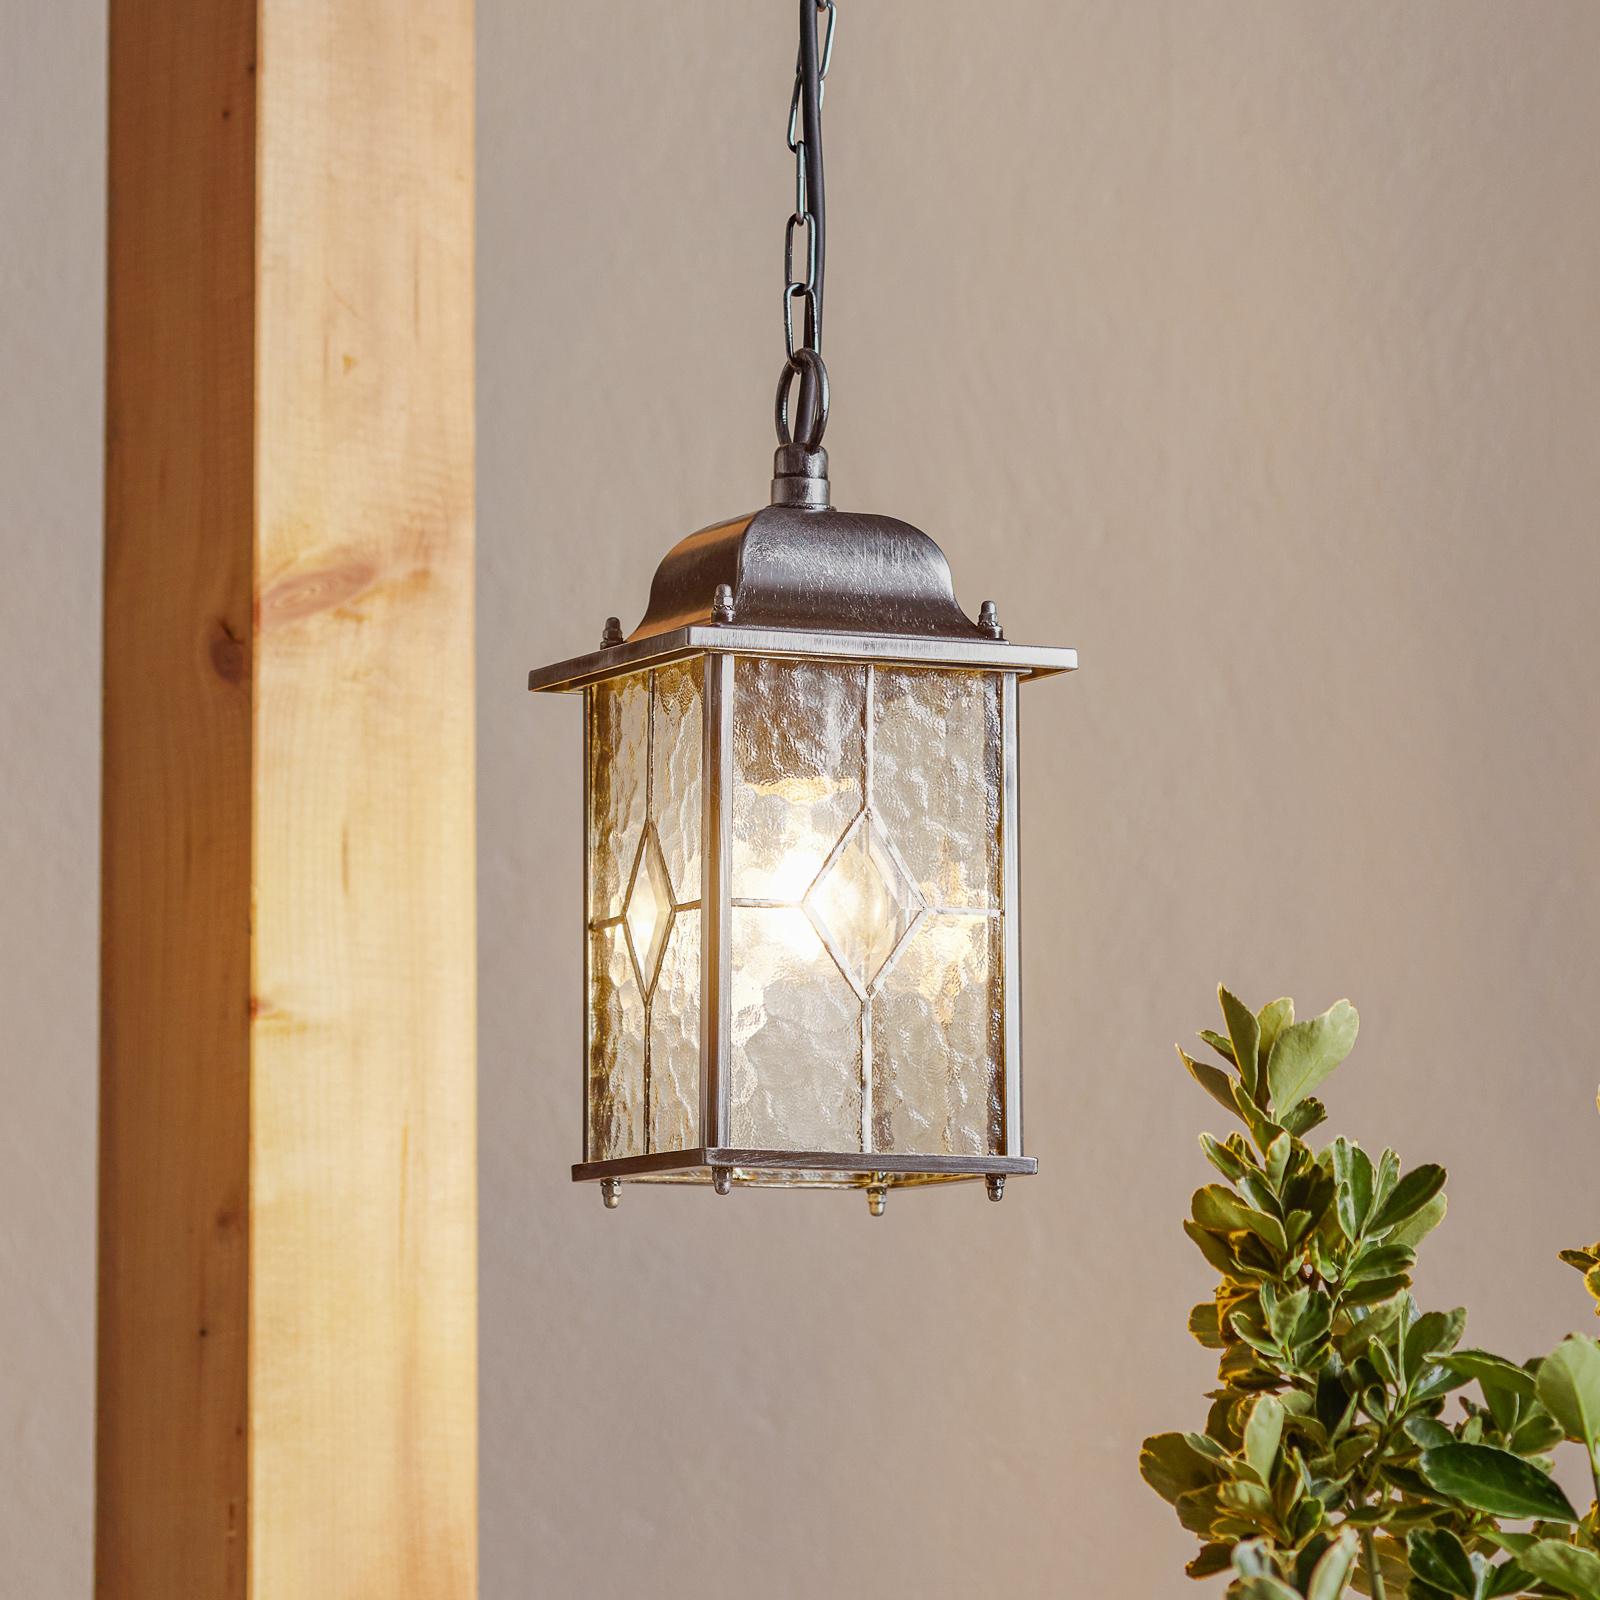 Hanglamp Wexford WX9 voor buiten